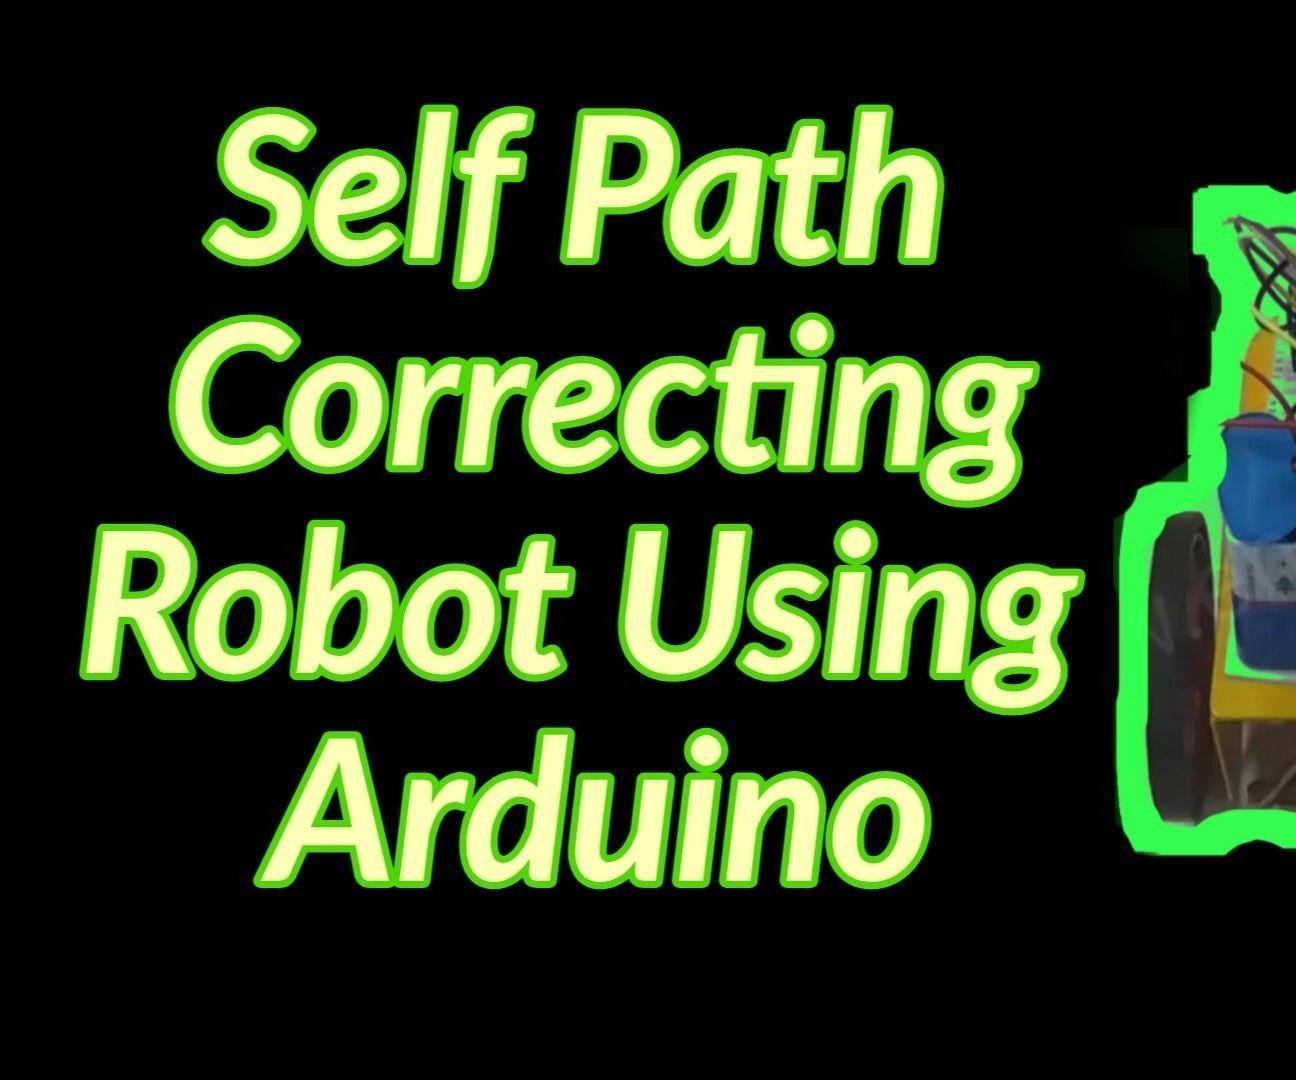 Self Path Correcting Robot